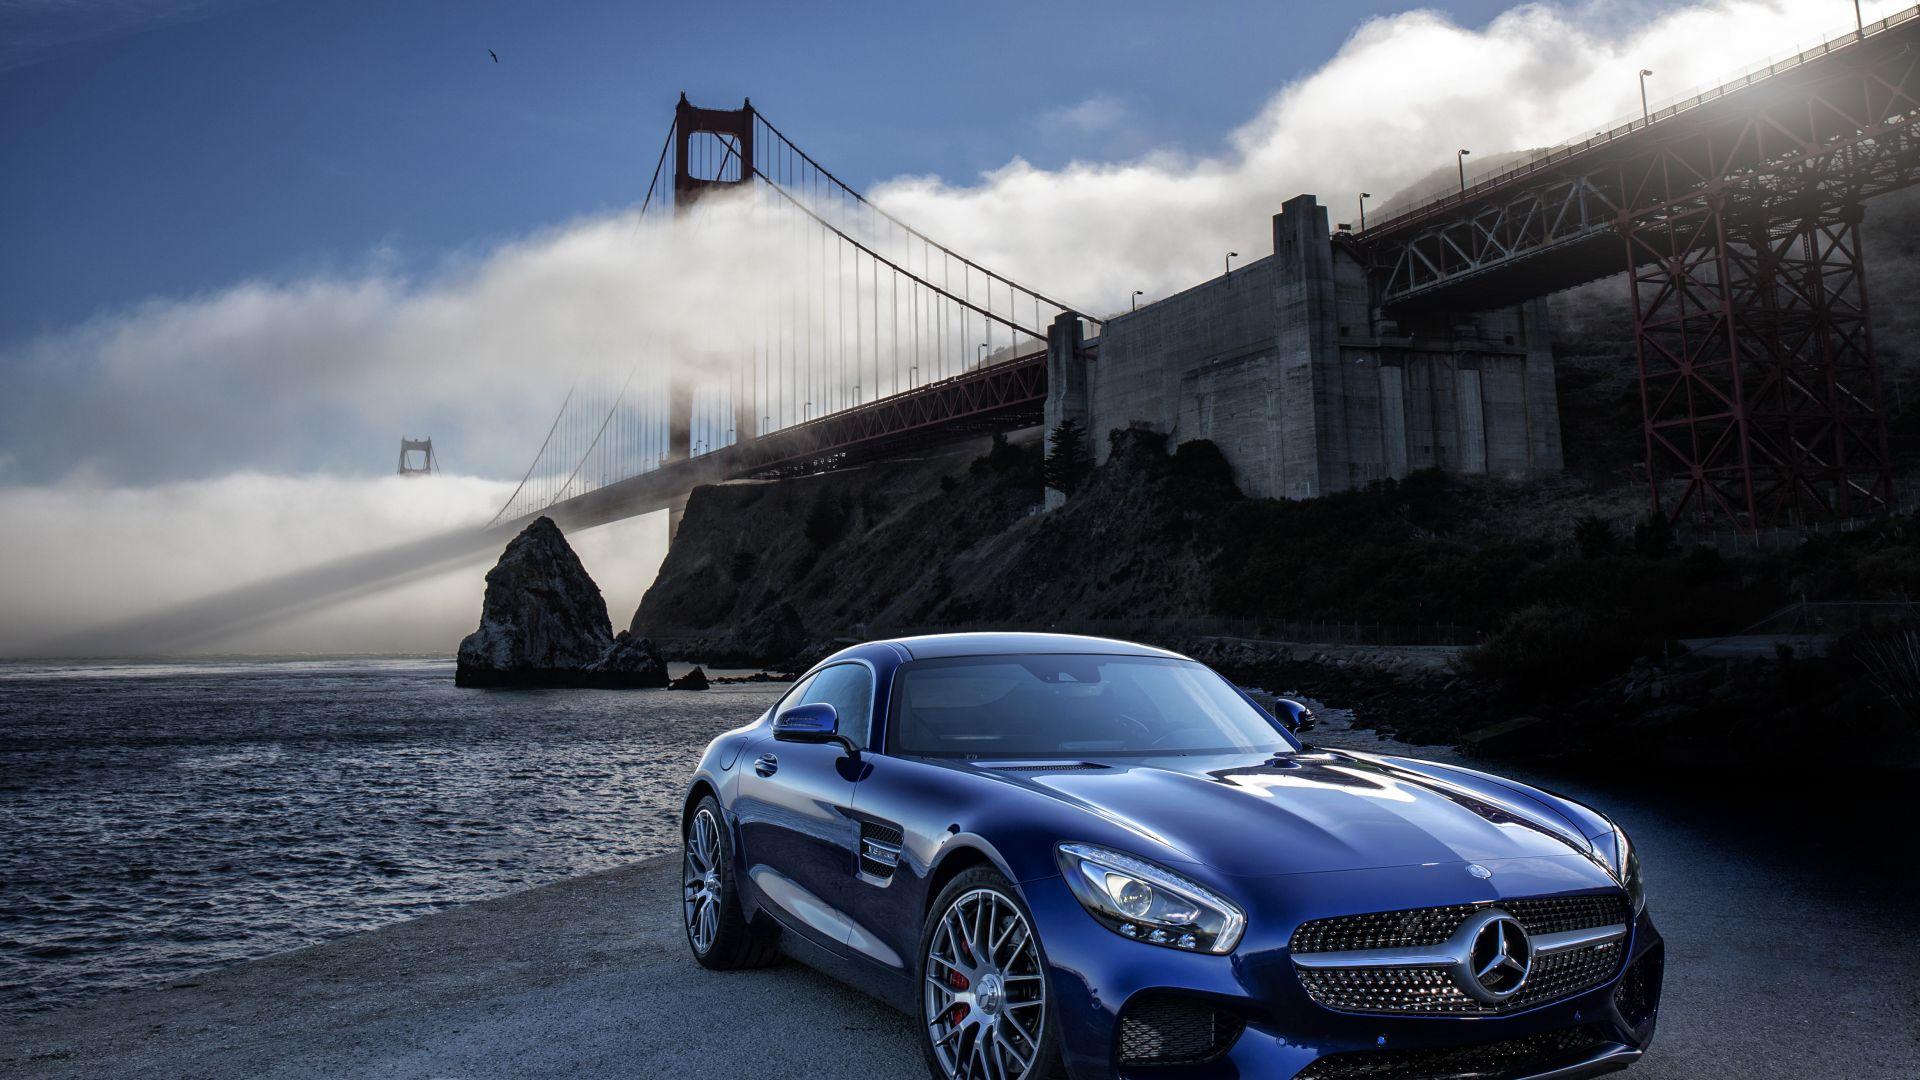 Wallpaper Mercedes-AMG GT car, Brooklyn bridge